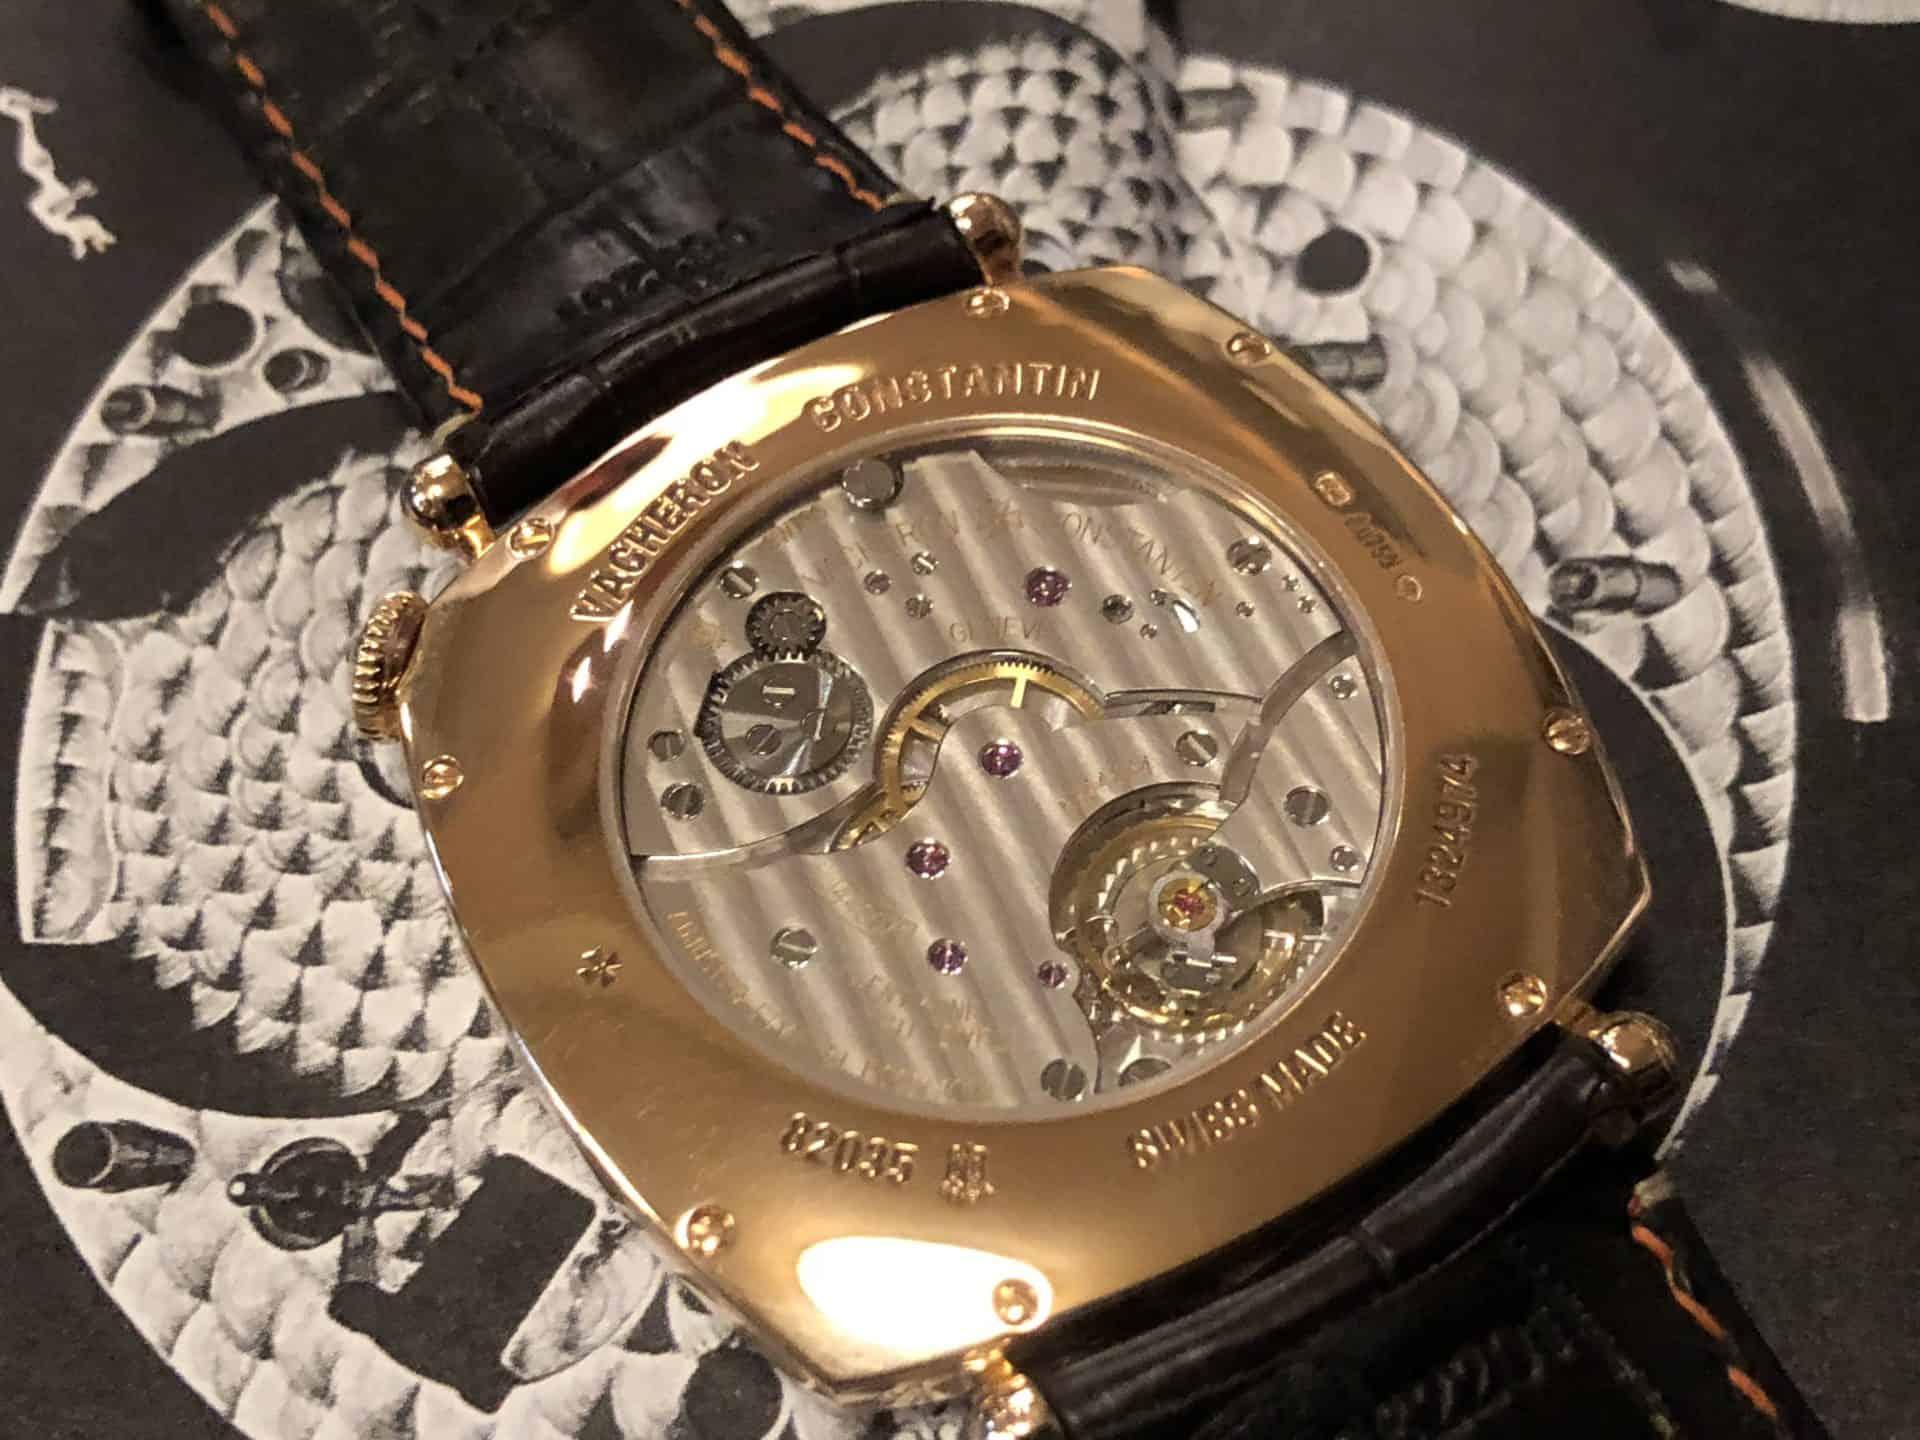 Blick auf das Uhrwerk der Vacheron Constantin American 1921 der Version 2009